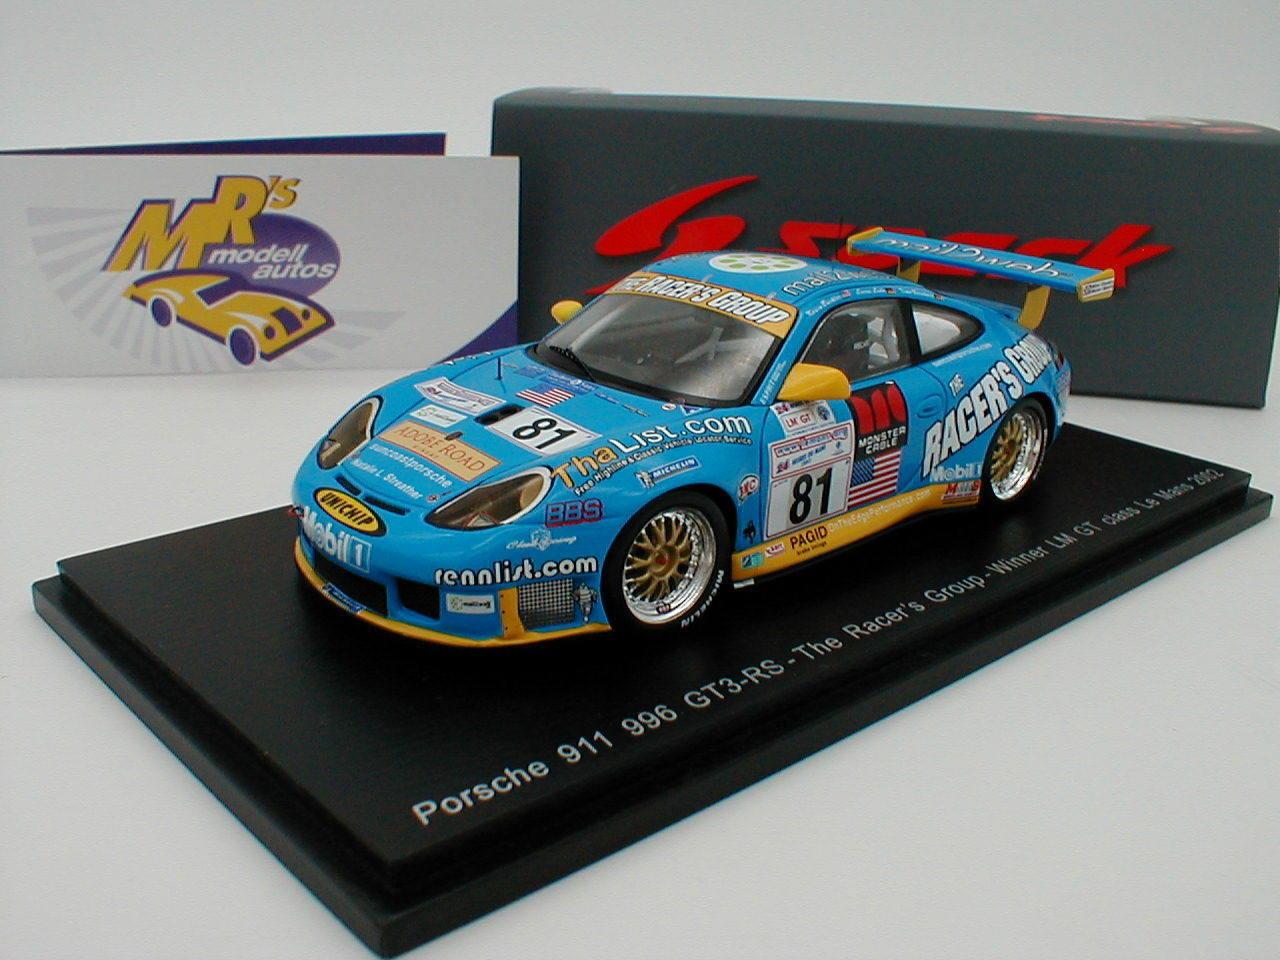 el mas reciente Spark s5517-Porsche 911 996 gt3-rs    81 winner le mans GT 2002  Buckler  1 43  venta con descuento